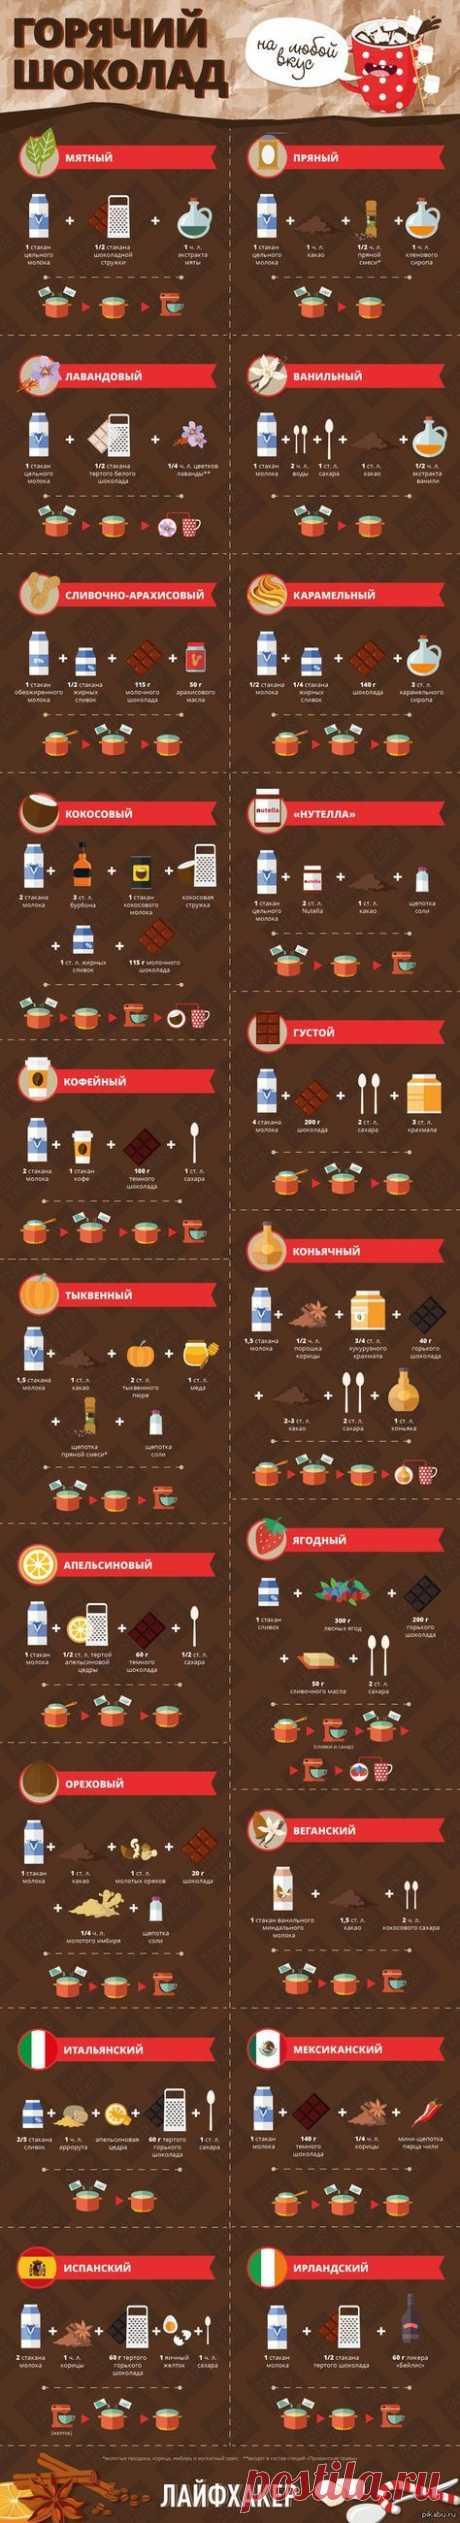 20 рецептов горячего шоколада   шоколад, еда, рецепт, инфографика, длиннопост | тортики сладости | Food, Tasty dishes and Milkshake